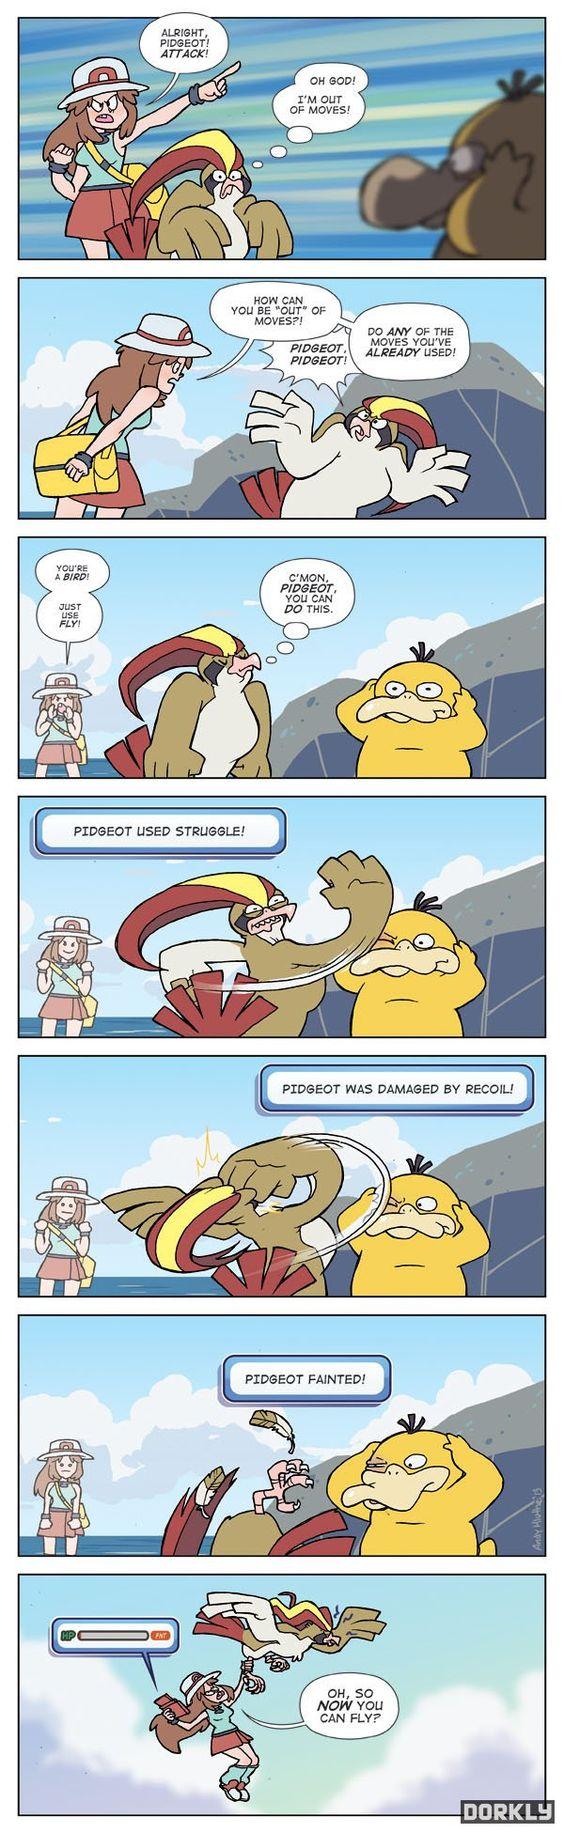 Pigeot, Staraptor, Or Fearow. | Serebii.net Forums